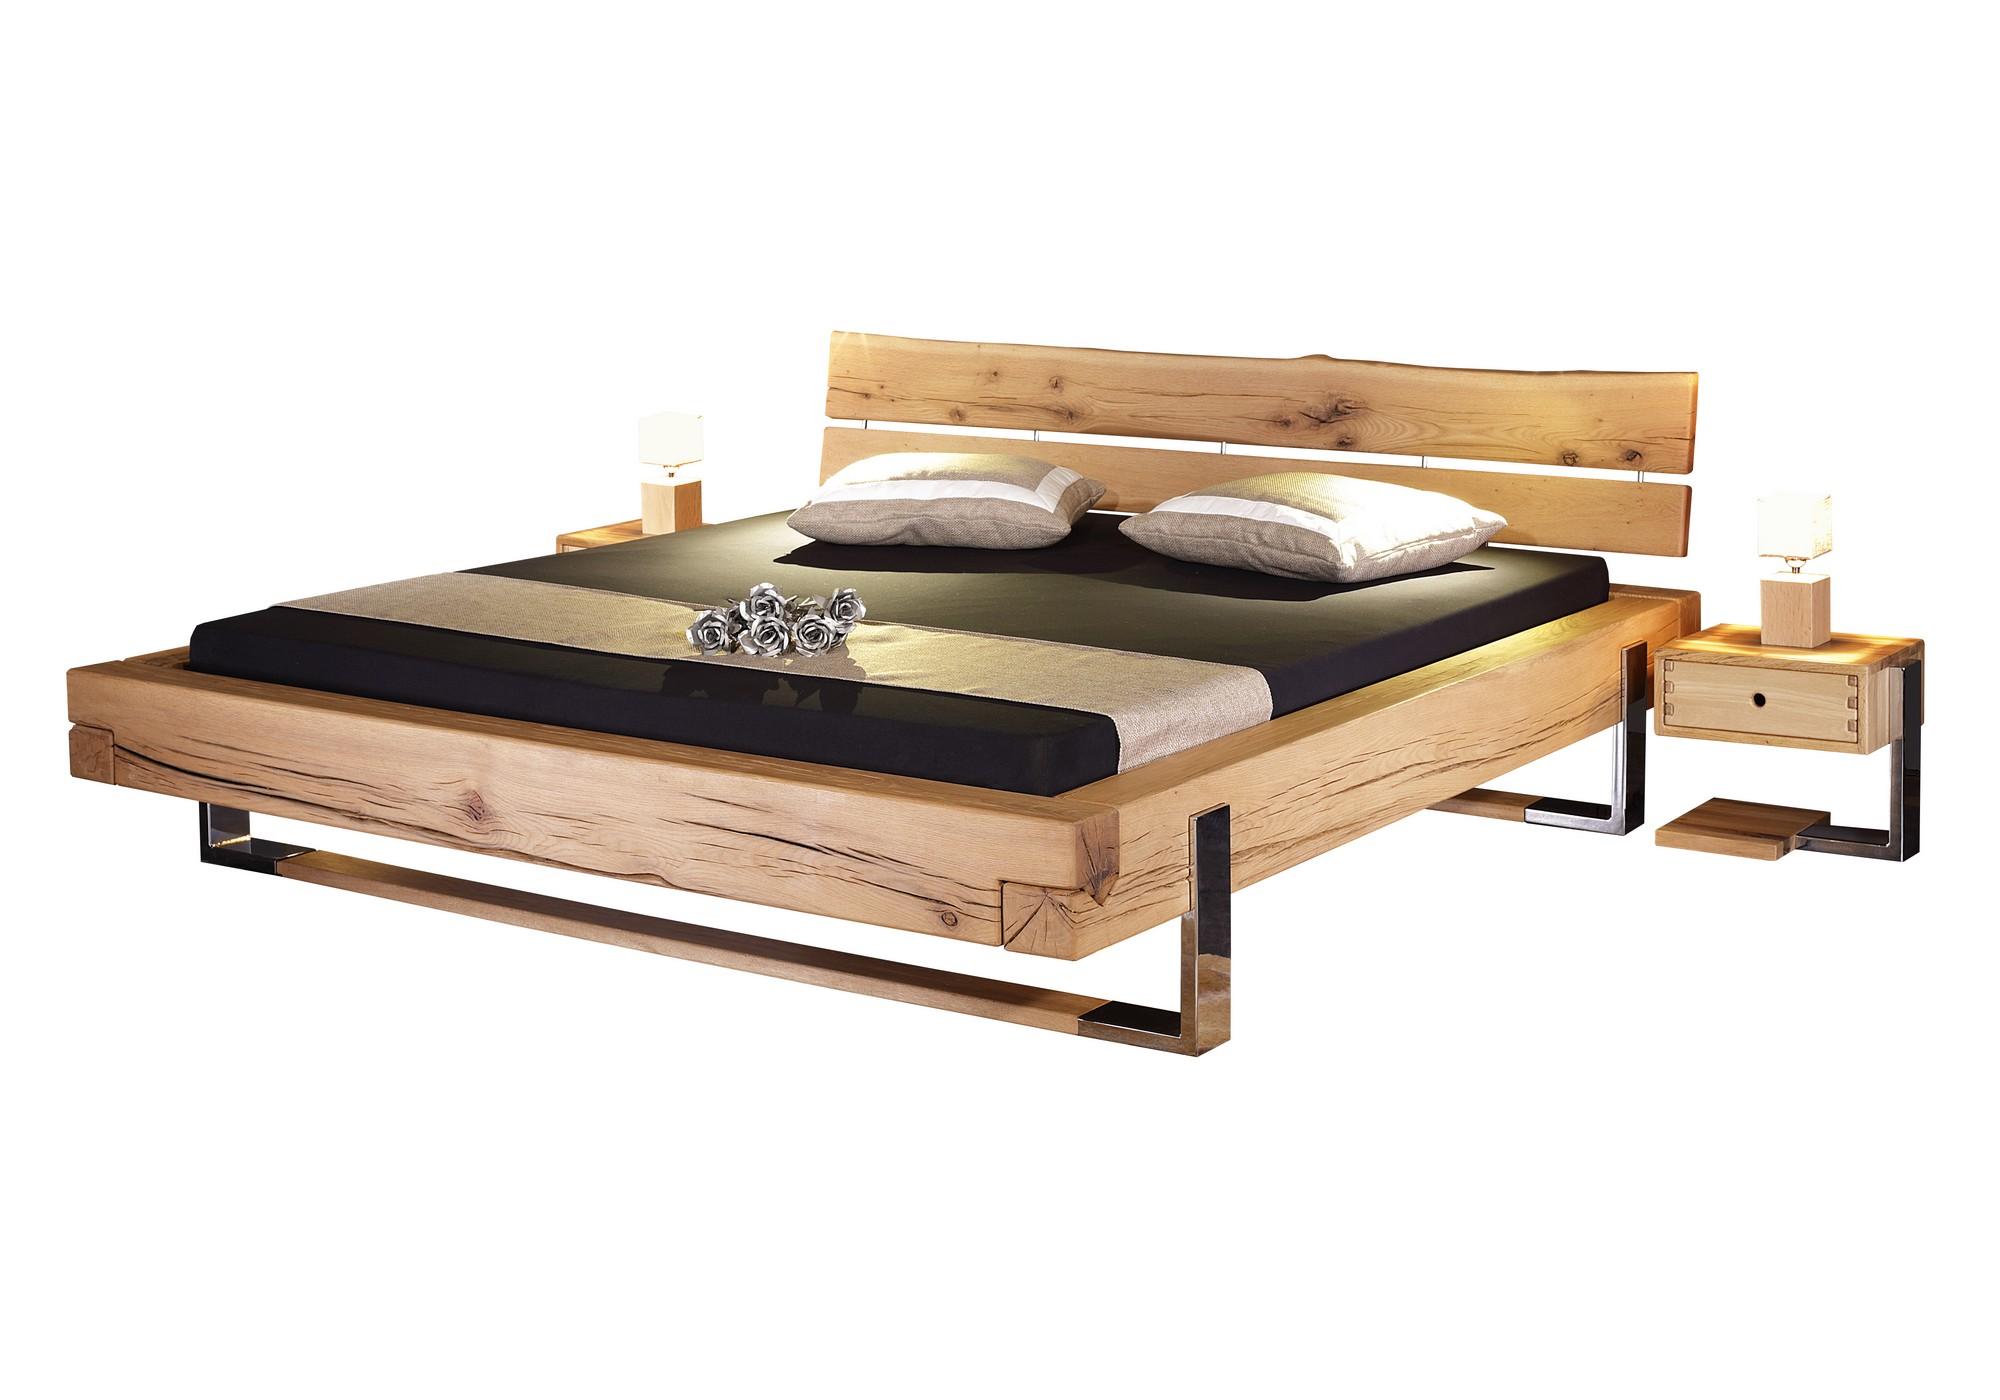 Full Size of Betten Ikea 160x200 Luxus Moebel De Tagesdecken Für Meise Düsseldorf Jensen Test Mit Schubladen Bett Betten Massivholz